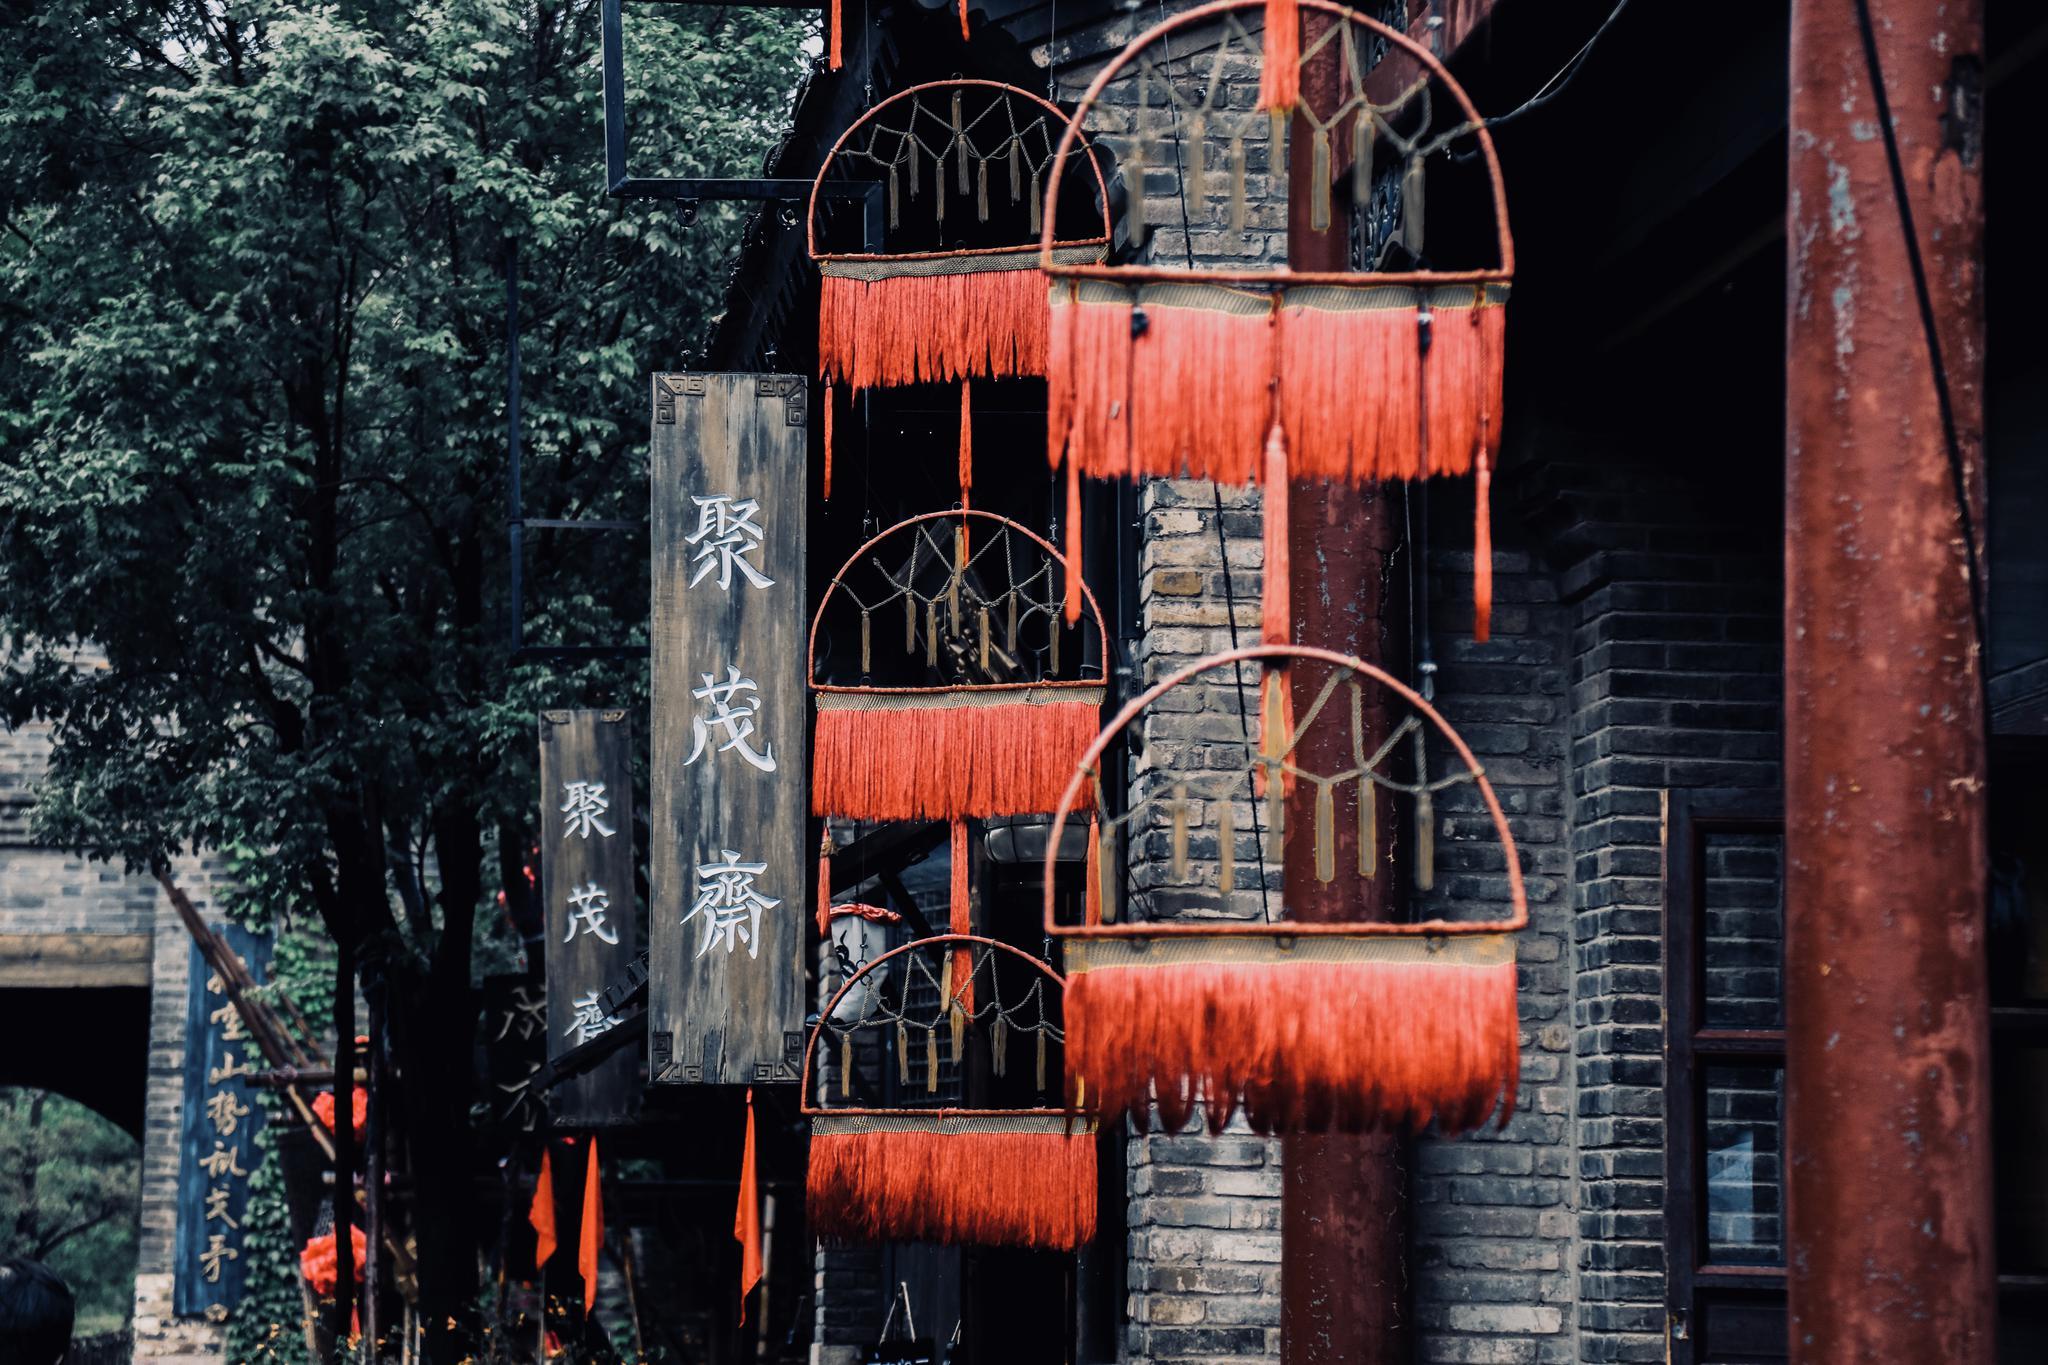 探寻《青花瓷》里的泼墨山水画 古北水镇游记